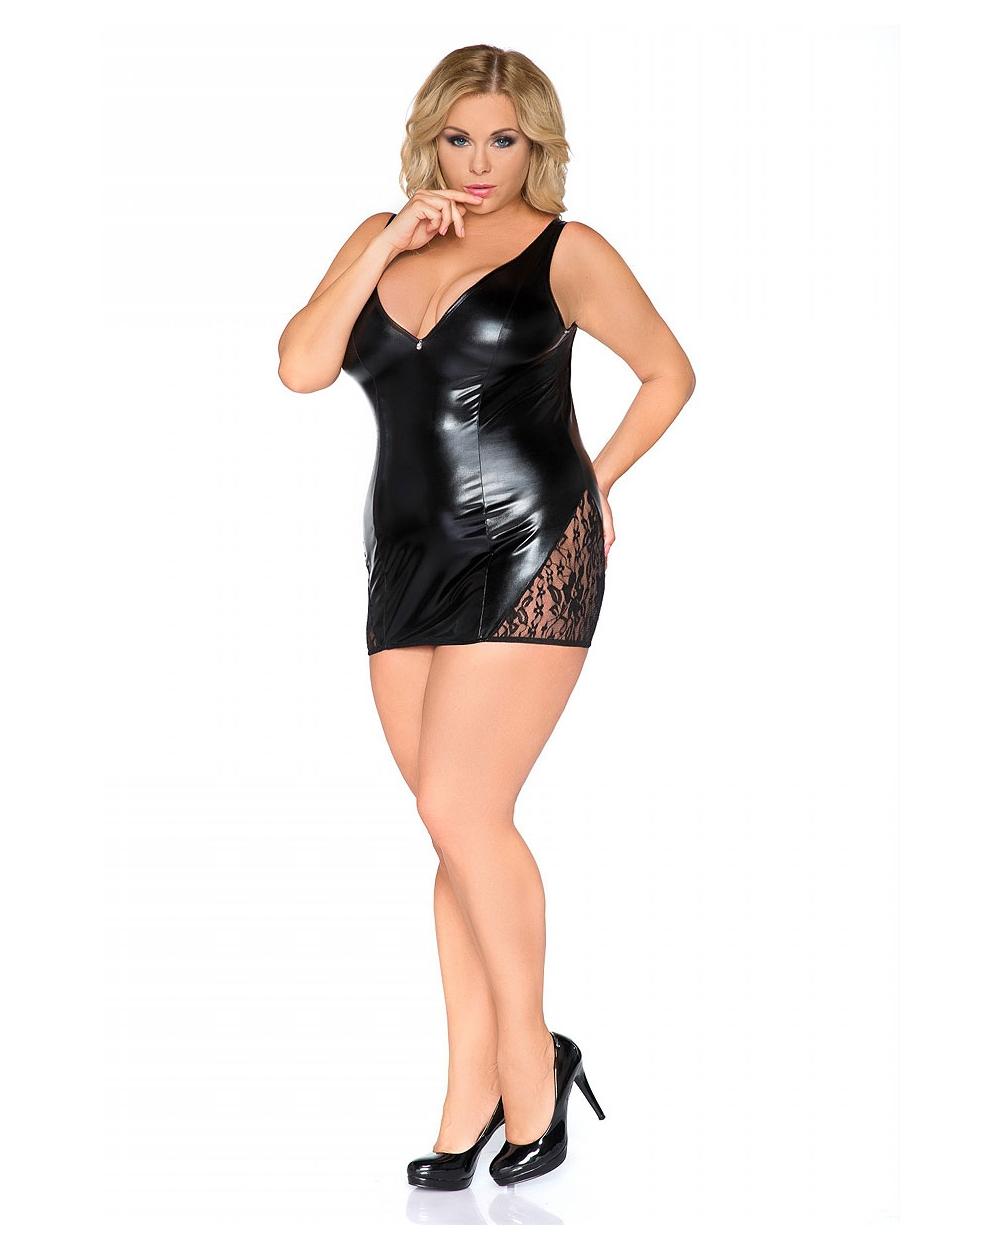 947a311a91f Wetlook Minikleid schwarz eng sexy Kleid Chemise mit Spitze ...